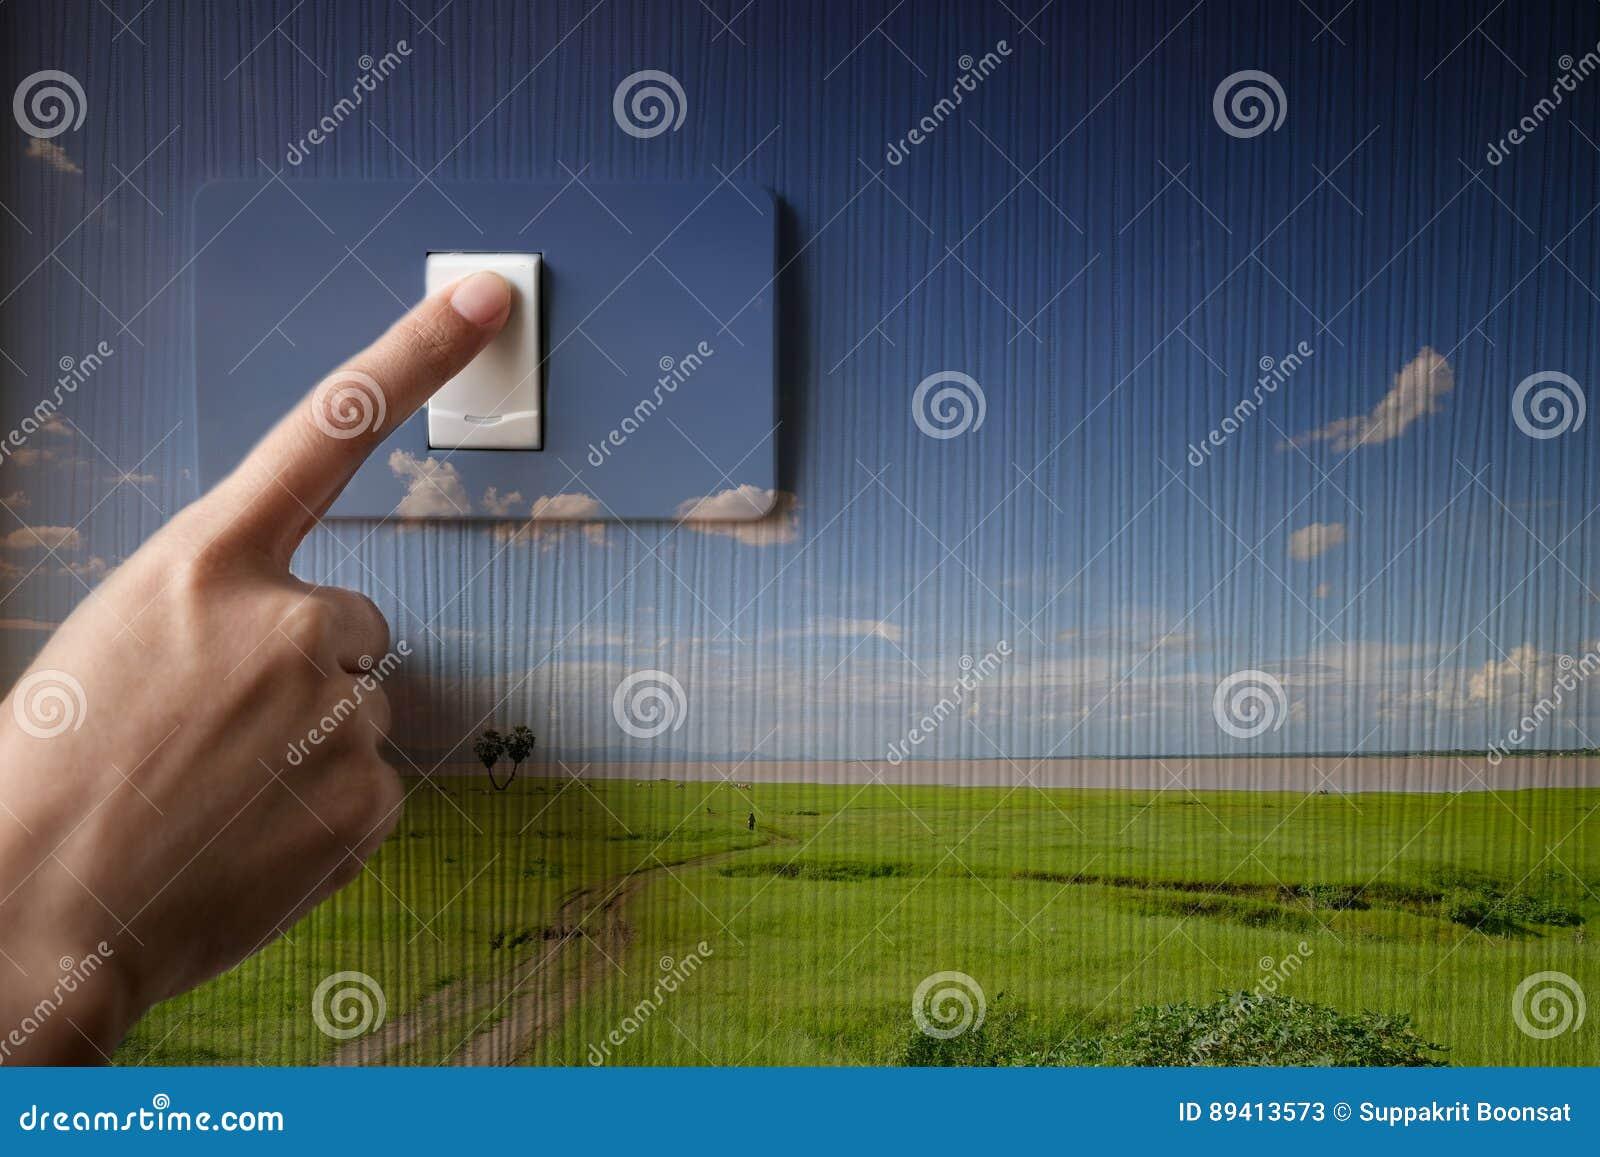 Girando de ligar/desligar no interruptor da luz, conceito de salvamento da energia